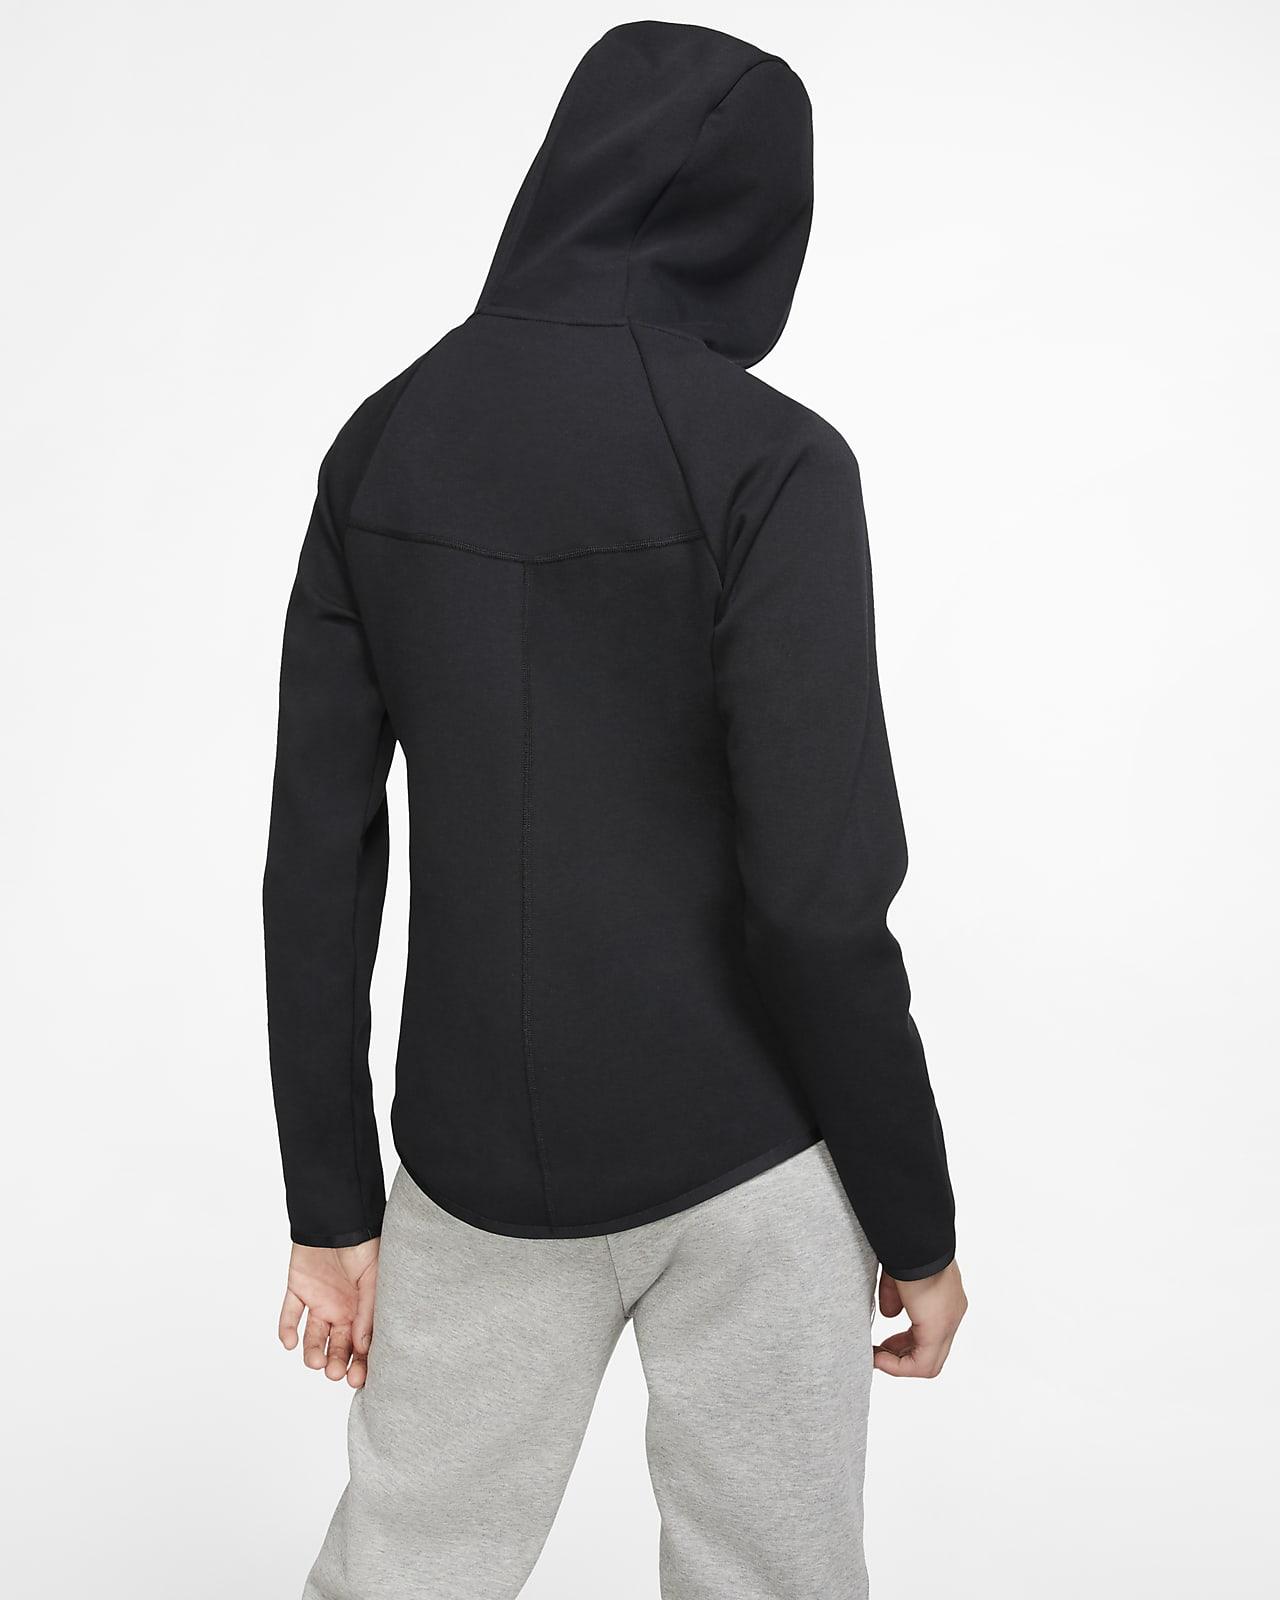 Nike Sportswear Windrunner Tech Fleece Women S Full Zip Hoodie Nike Id